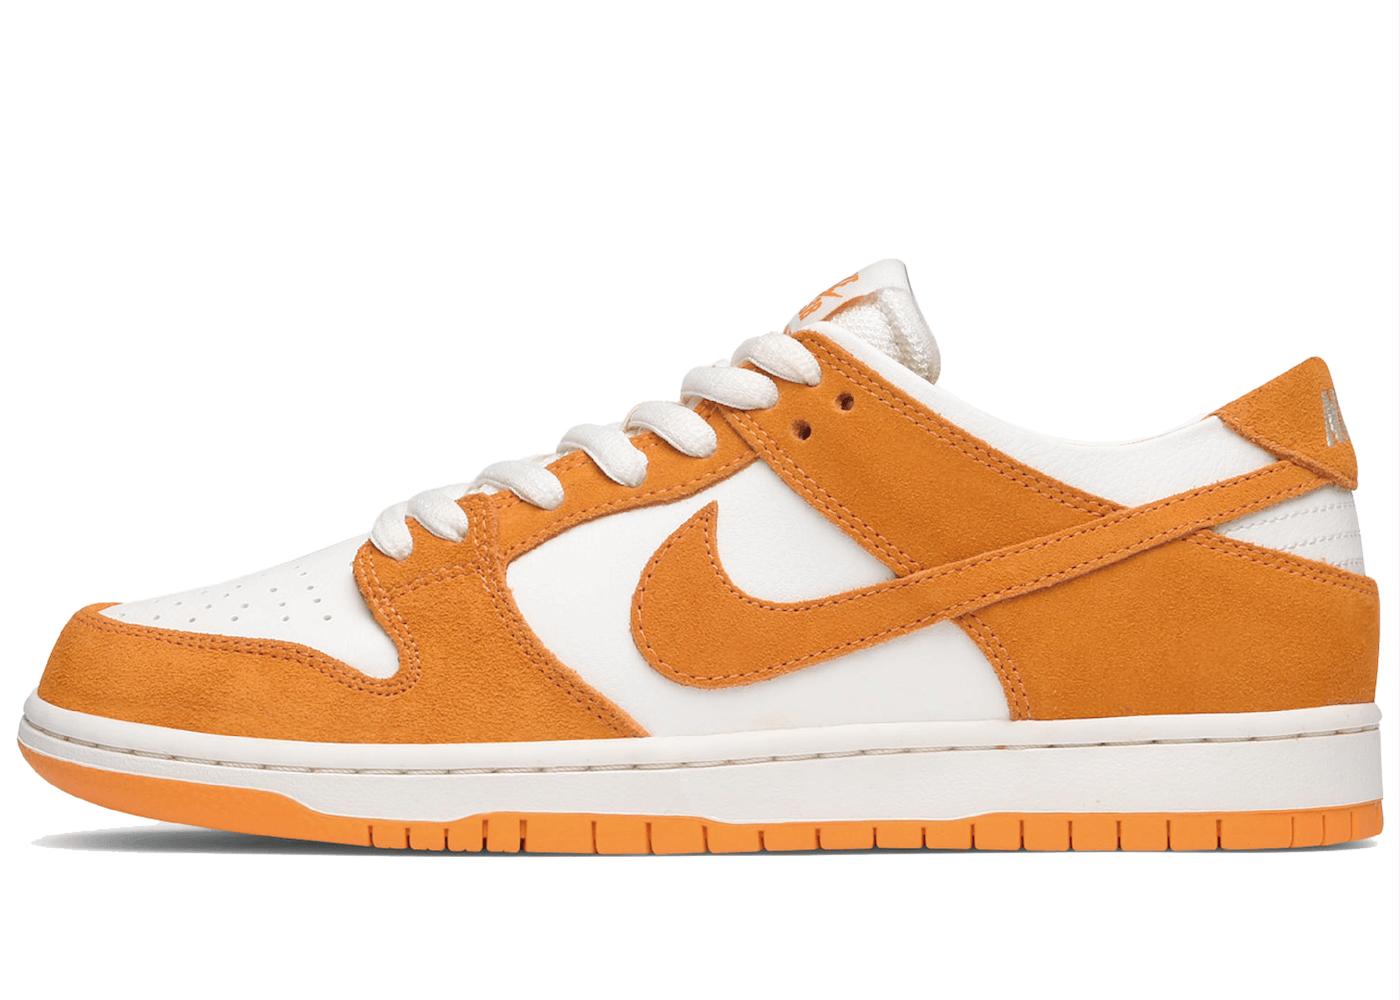 Nike SB Dunk Low Circuit Orangeの写真